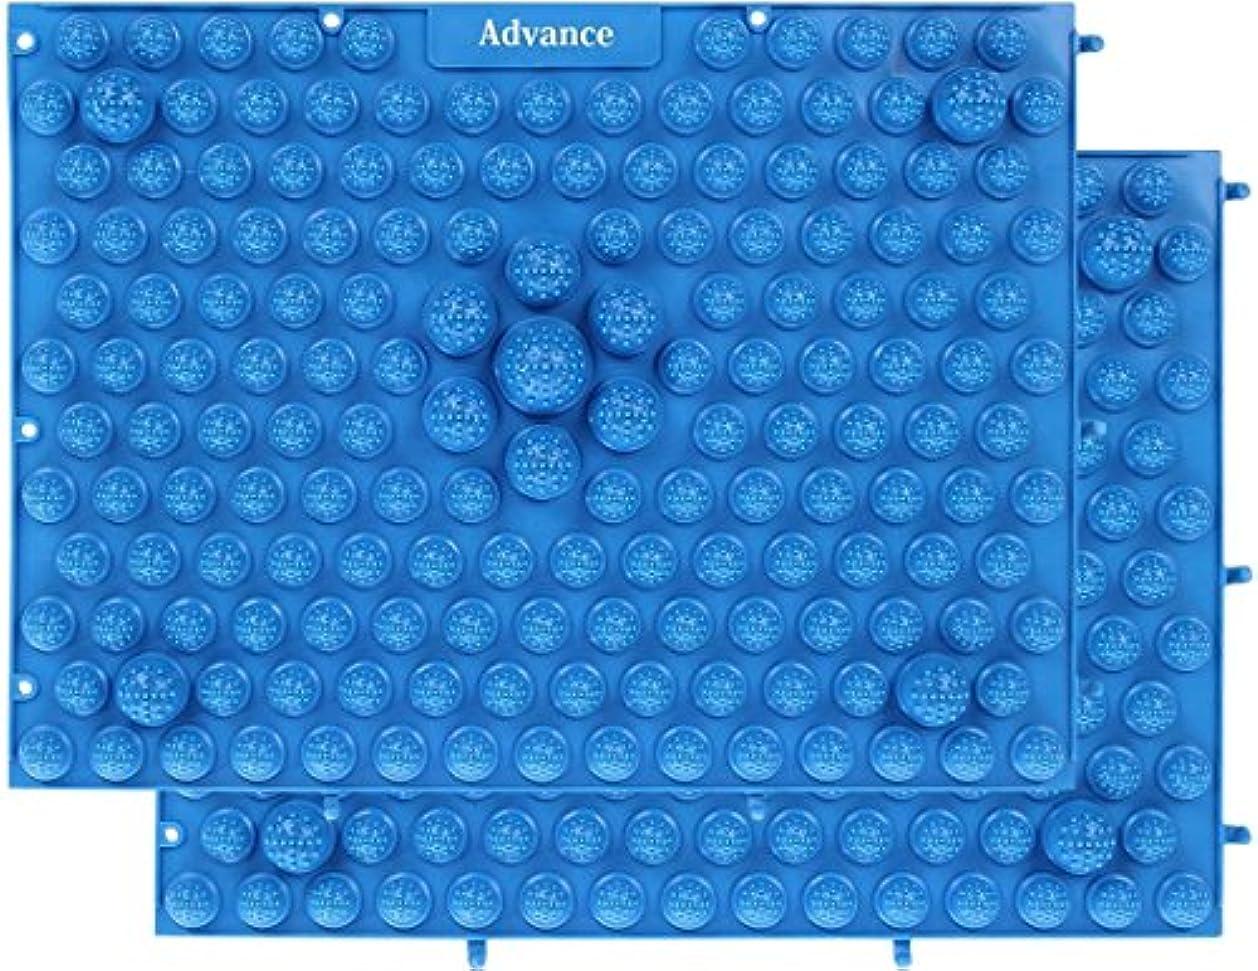 切り下げダイヤル絡み合い[OneStepAdvance] 足つぼ健康マット 足踏みマッサージ 37×27cm 2枚セット (ブルー)